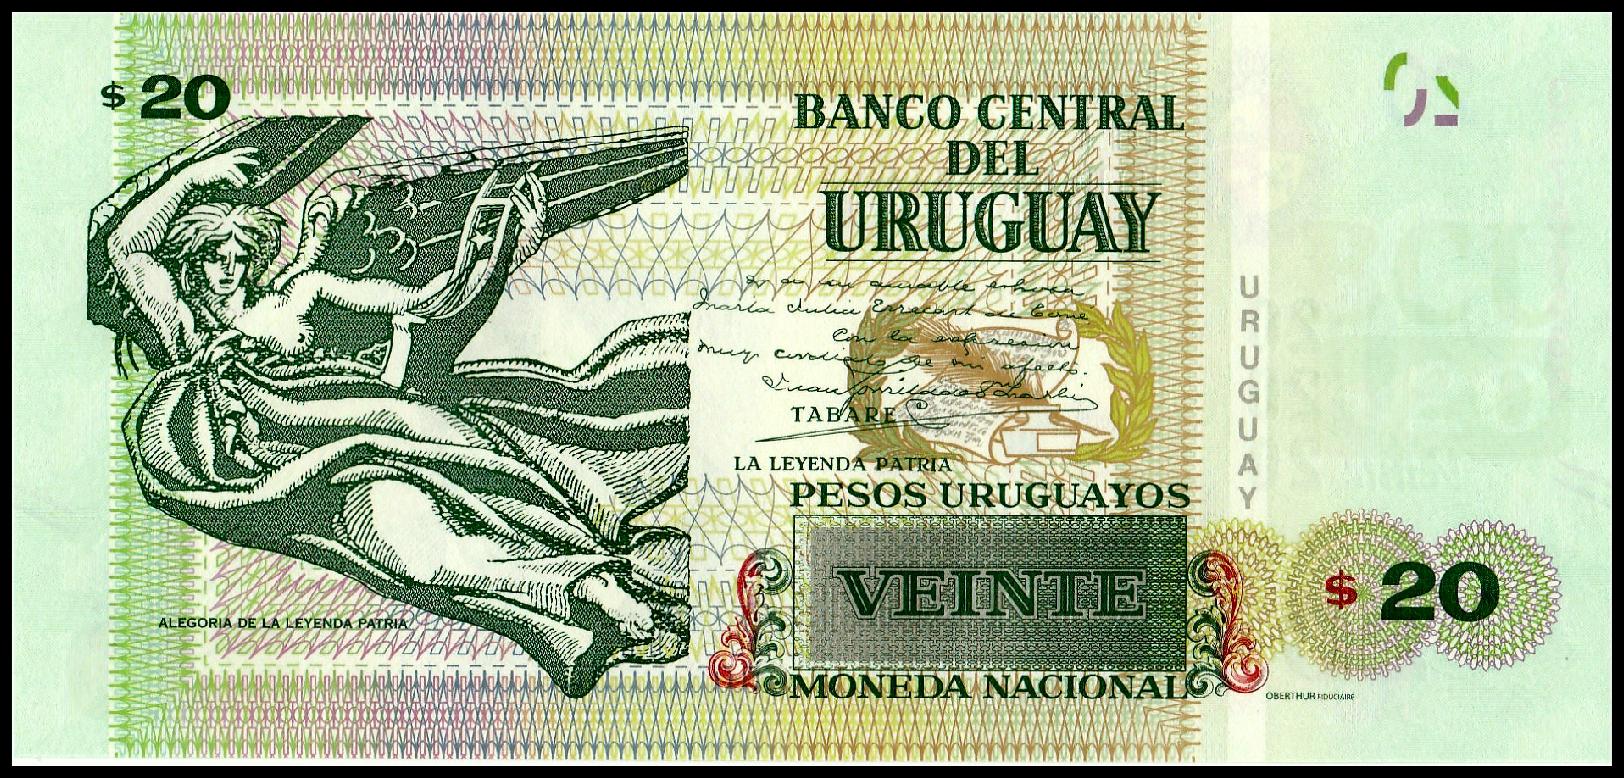 Uruguay 50 Pesos Uruguayos p-new 2018 Commemorative UNC Banknote